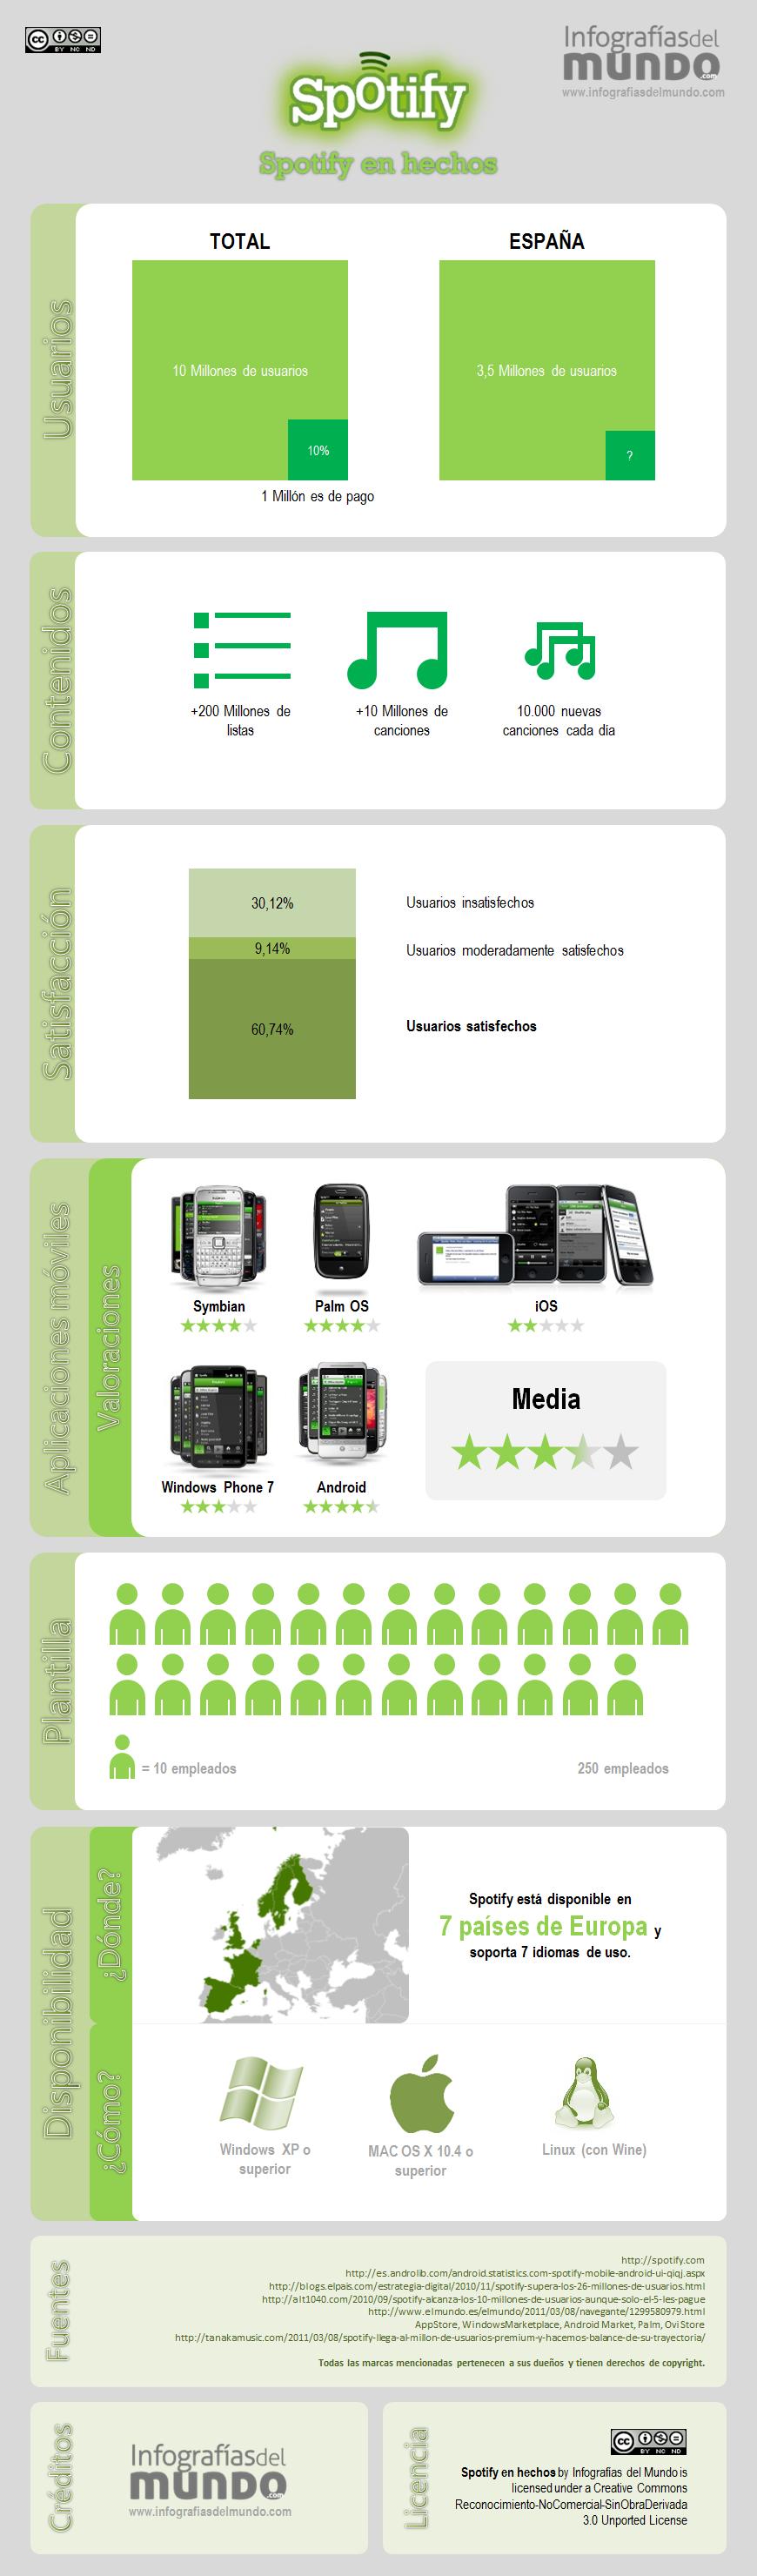 Una infografía con datos interesantes sobre Spotify.